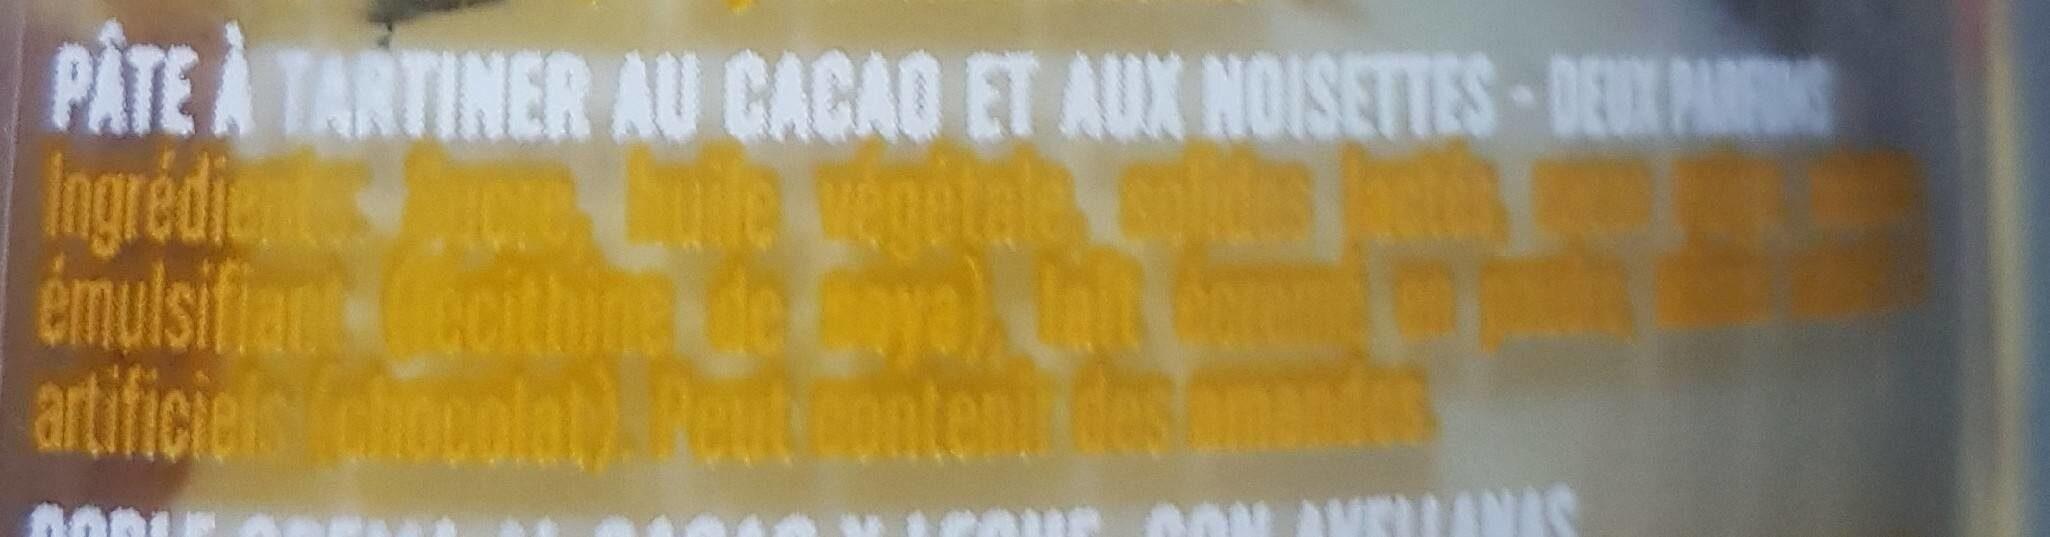 Nocilla Two flavour - Ingredienti - fr